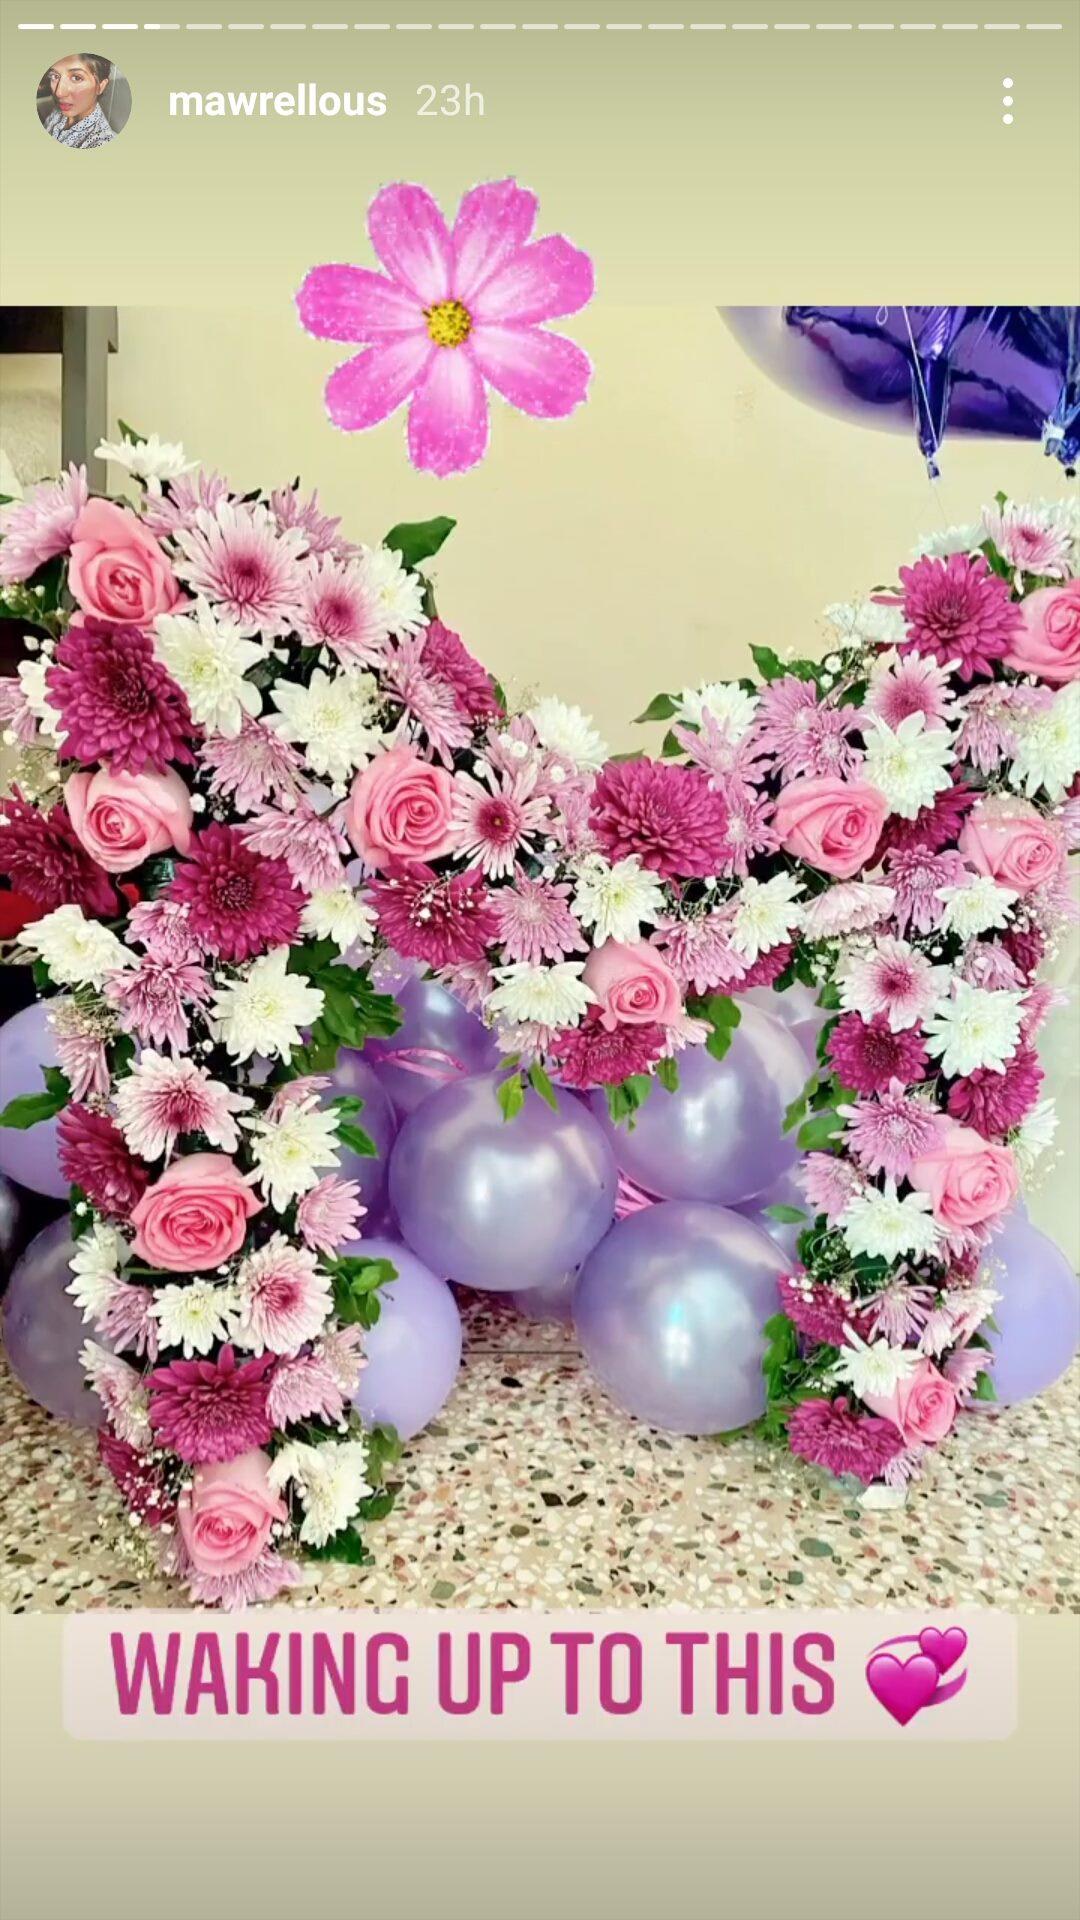 ماورا کی سالگرہ کی خوبصورت تصاویر وائرل